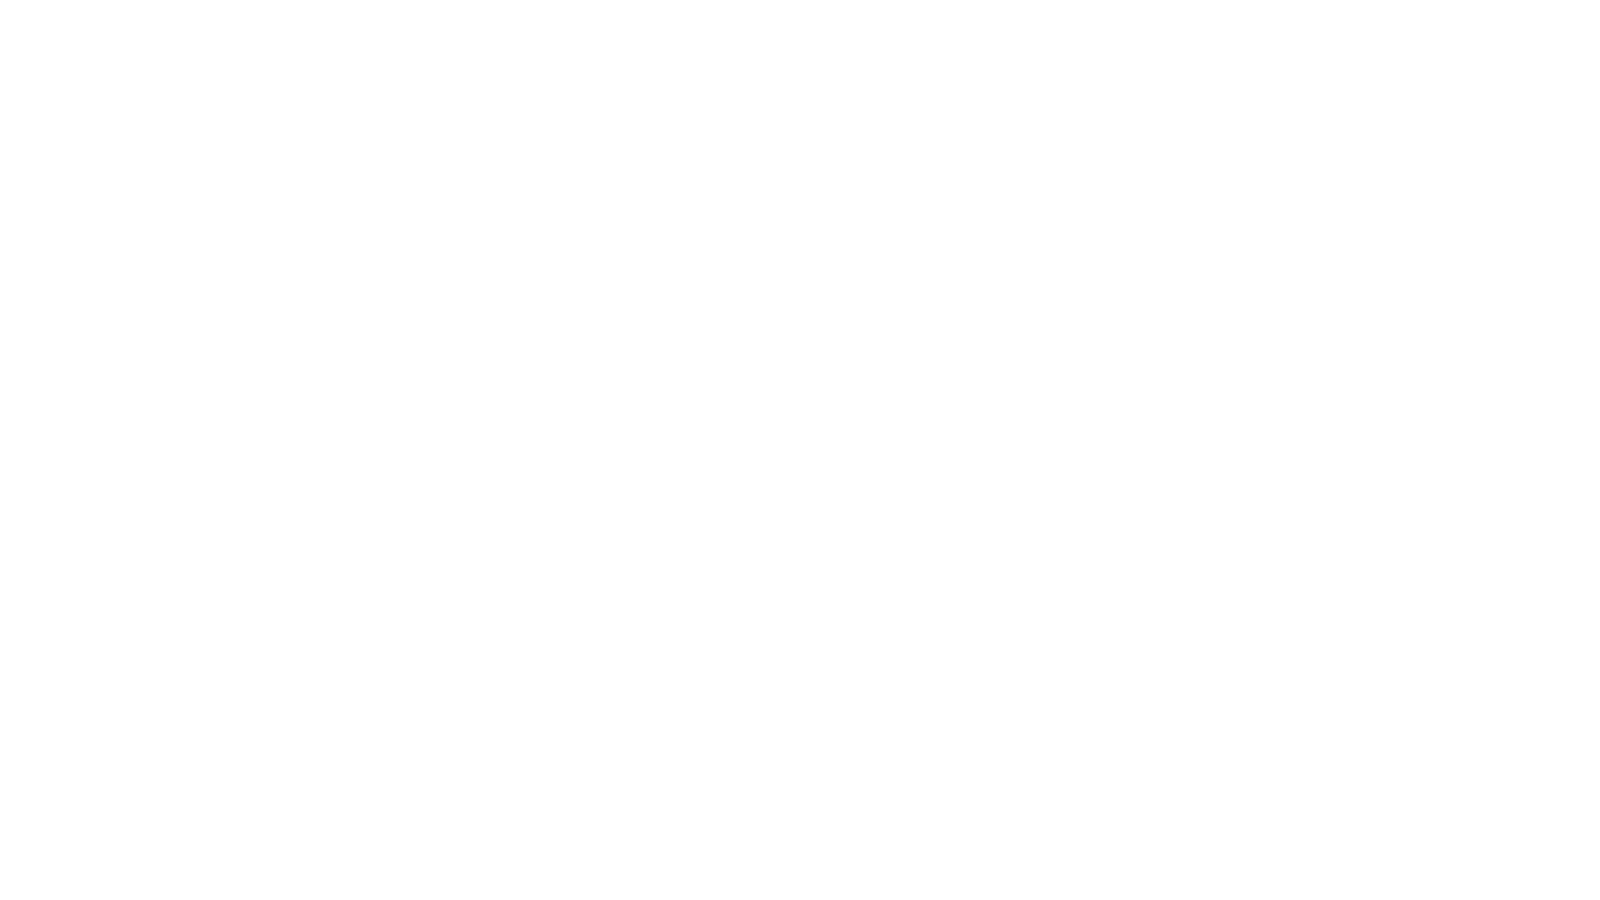 00:17:15  О согласовании направления нереализованного остатка средств стимулирования управы Ломоносовского района города Москвы в 2020 году на проведение мероприятий по благоустройству территории Ломоносовского района города Москвы в 2021 году Разное: 00:53:14  Памятник на Лубянке